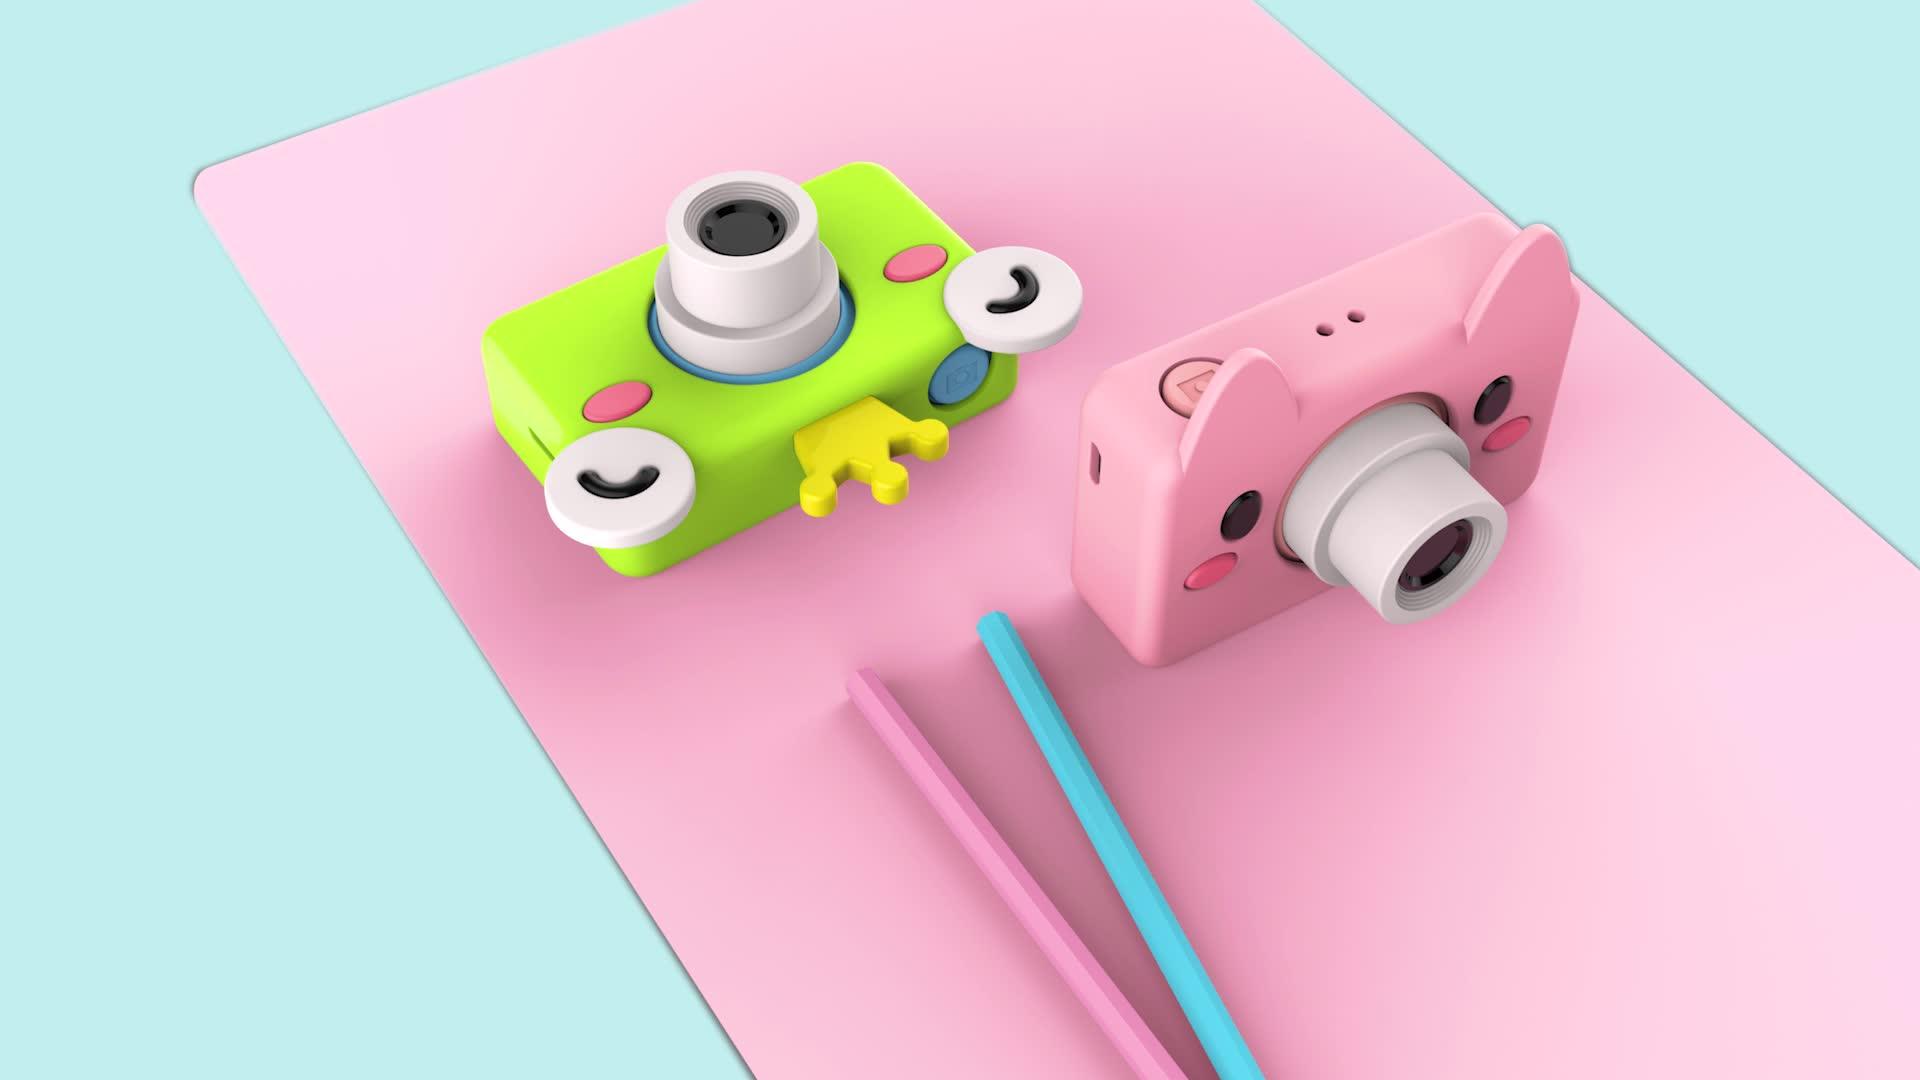 En iyi noel hediyesi çocuklar için dijital kamera karton video oyuncakları